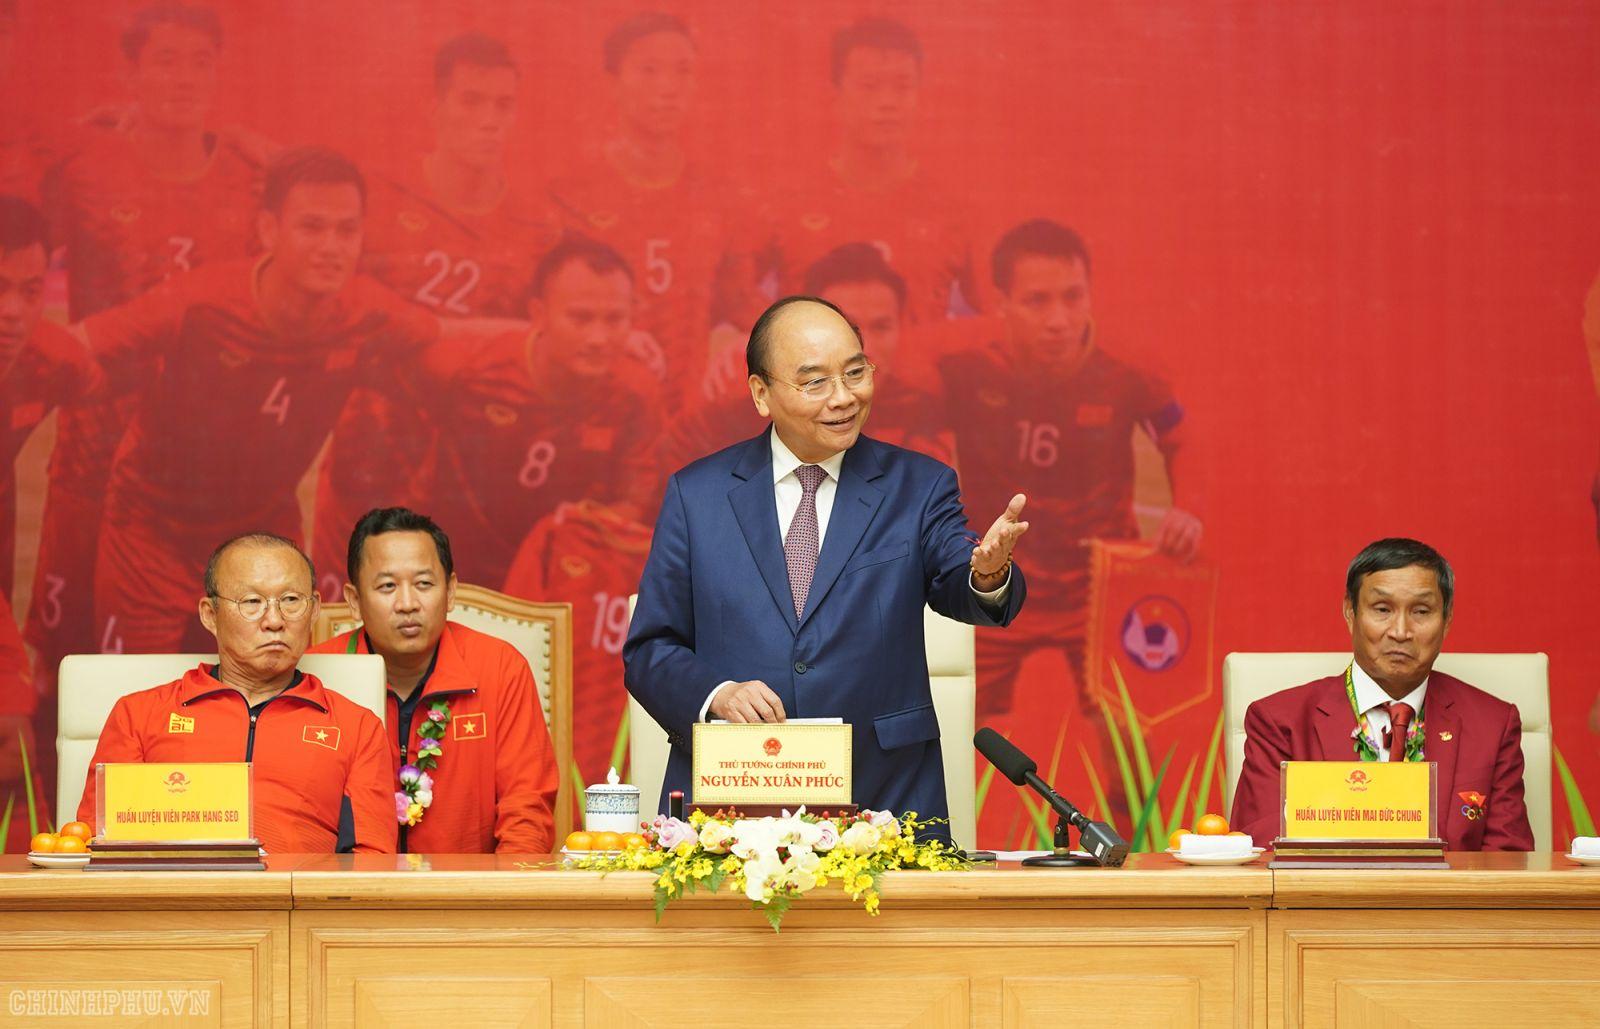 Thủ tướng Nguyễn Xuân Phúc phát biểu tại cuộc gặp mặt. Ảnh: VGP/Quang Hiếu